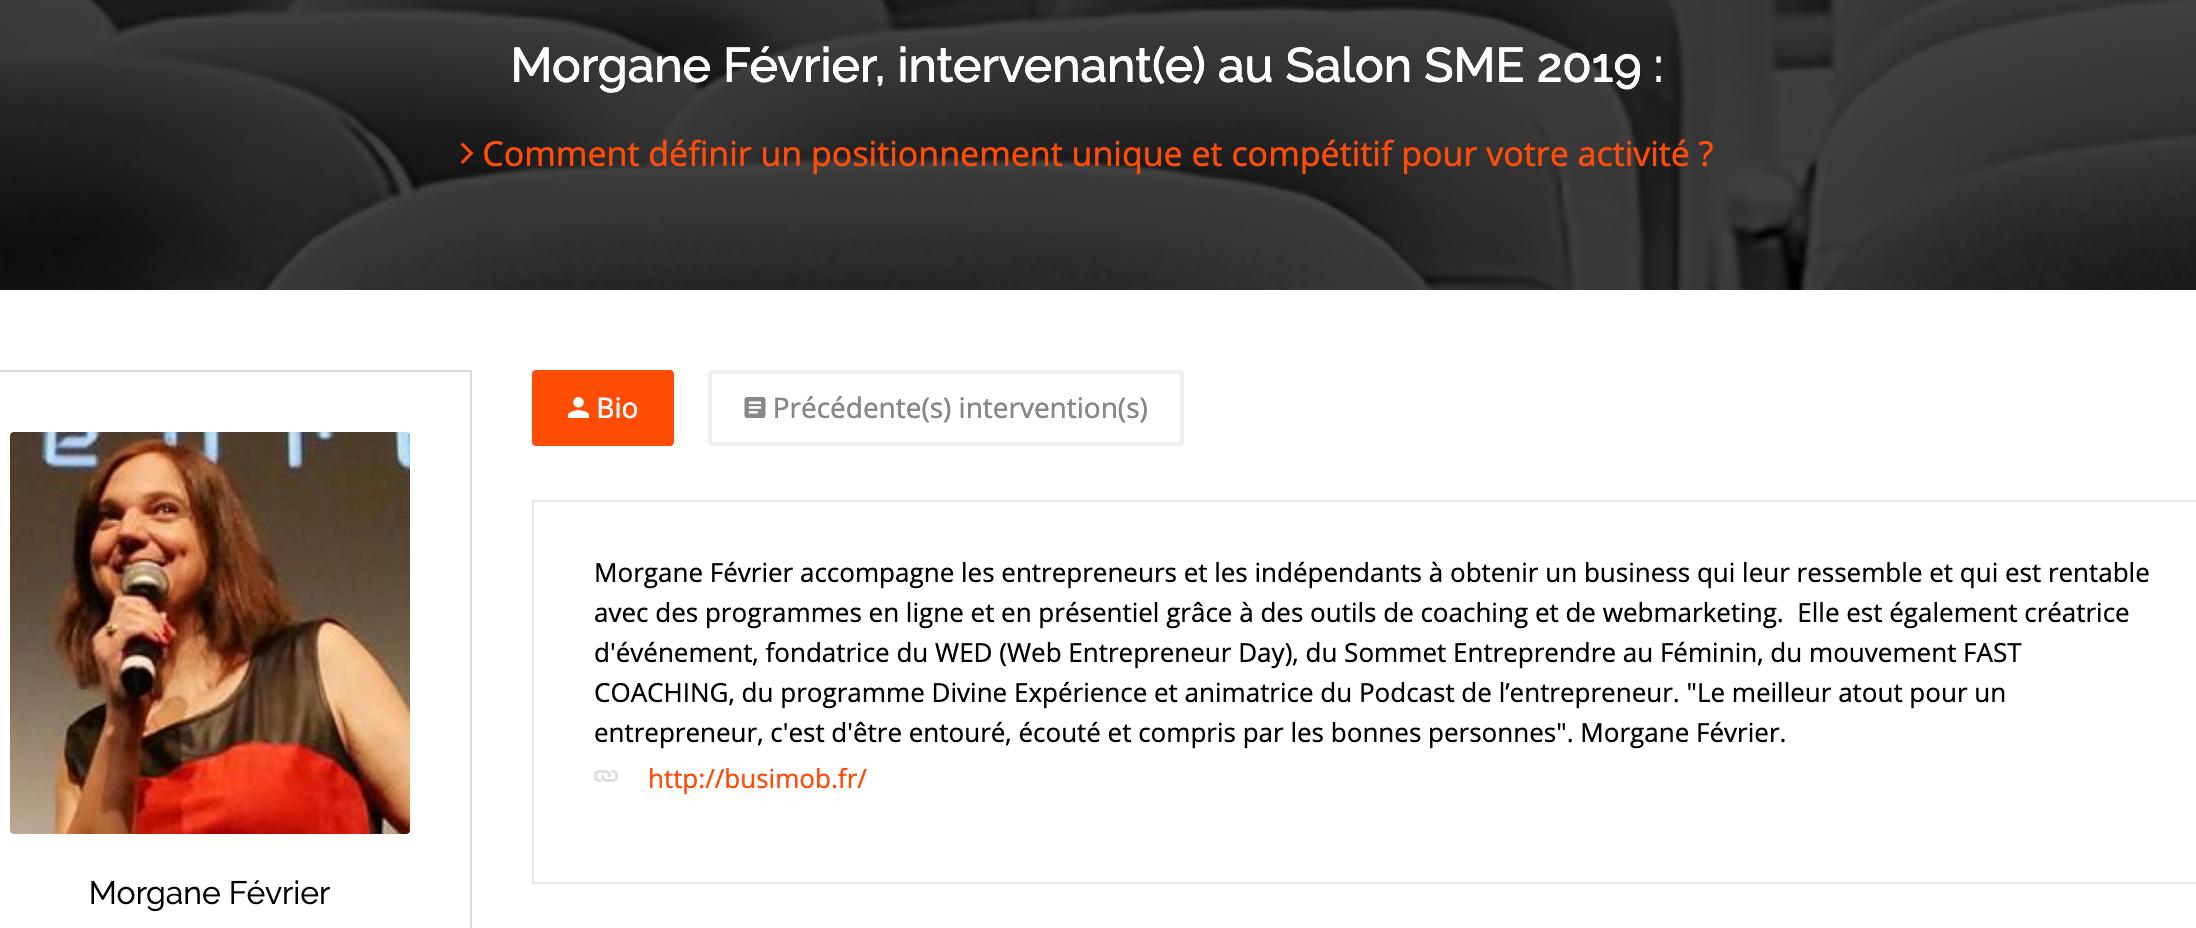 Morgane_Février__intervenant_e__au_Salon_SME__ex_Salon_des_micro-entreprises___l'événement_dédié_aux_créateurs_et_dirigeants_de_petites_entreprises